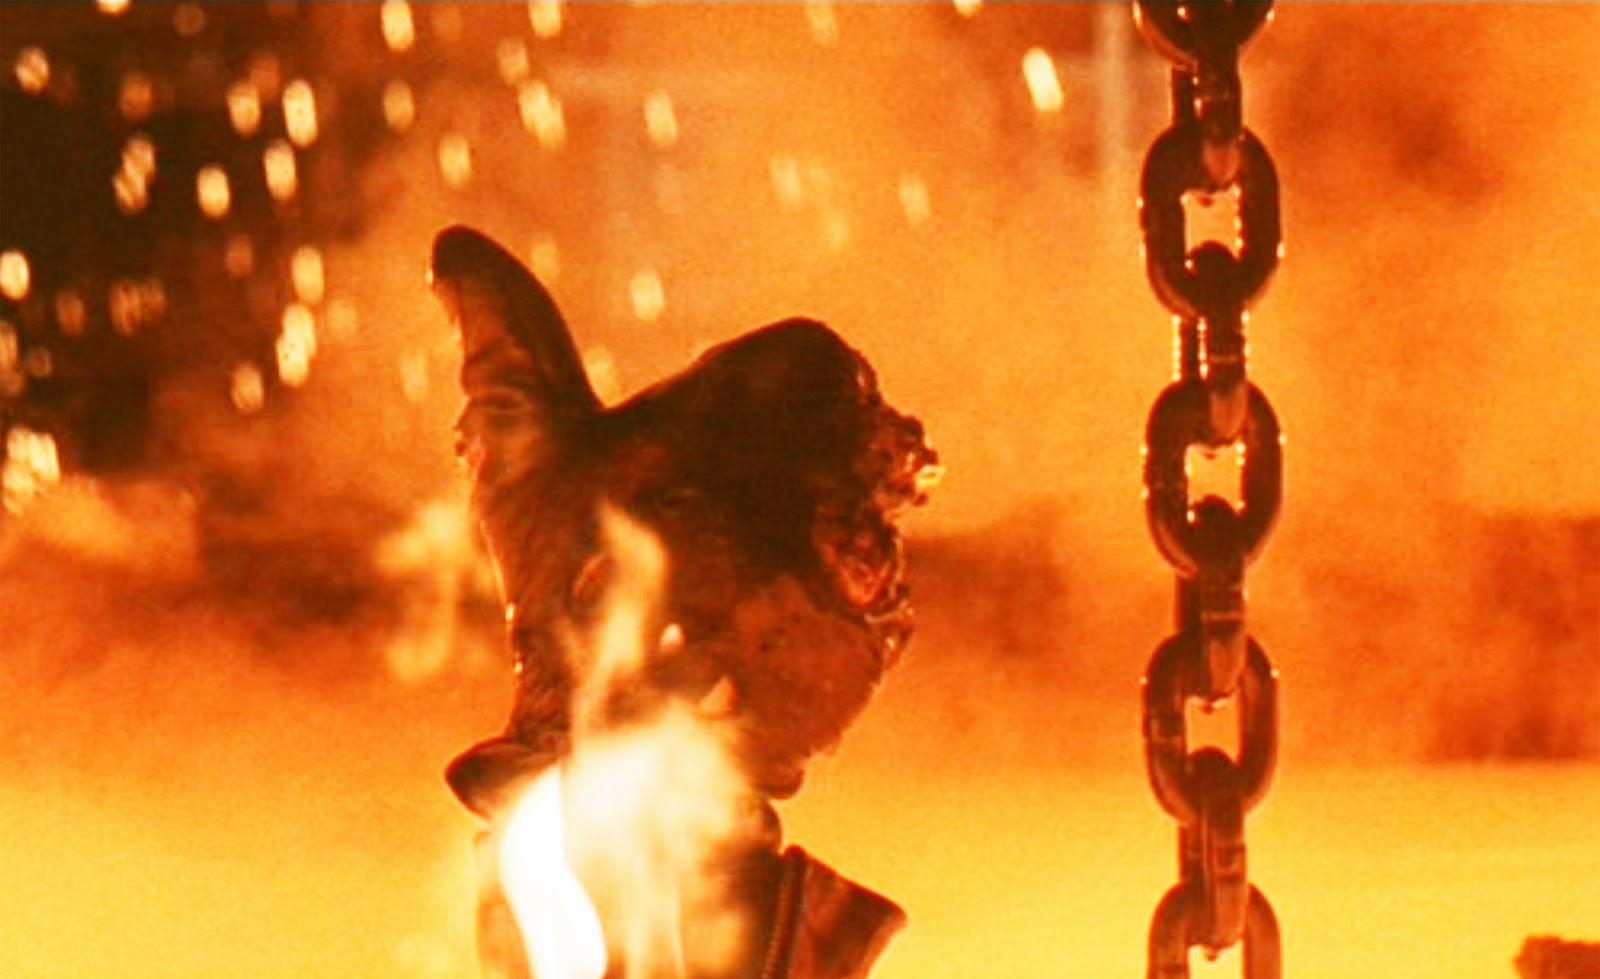 Эффектный фейк: 12 киношных смертей, которые не могли бы случиться в реальности фото